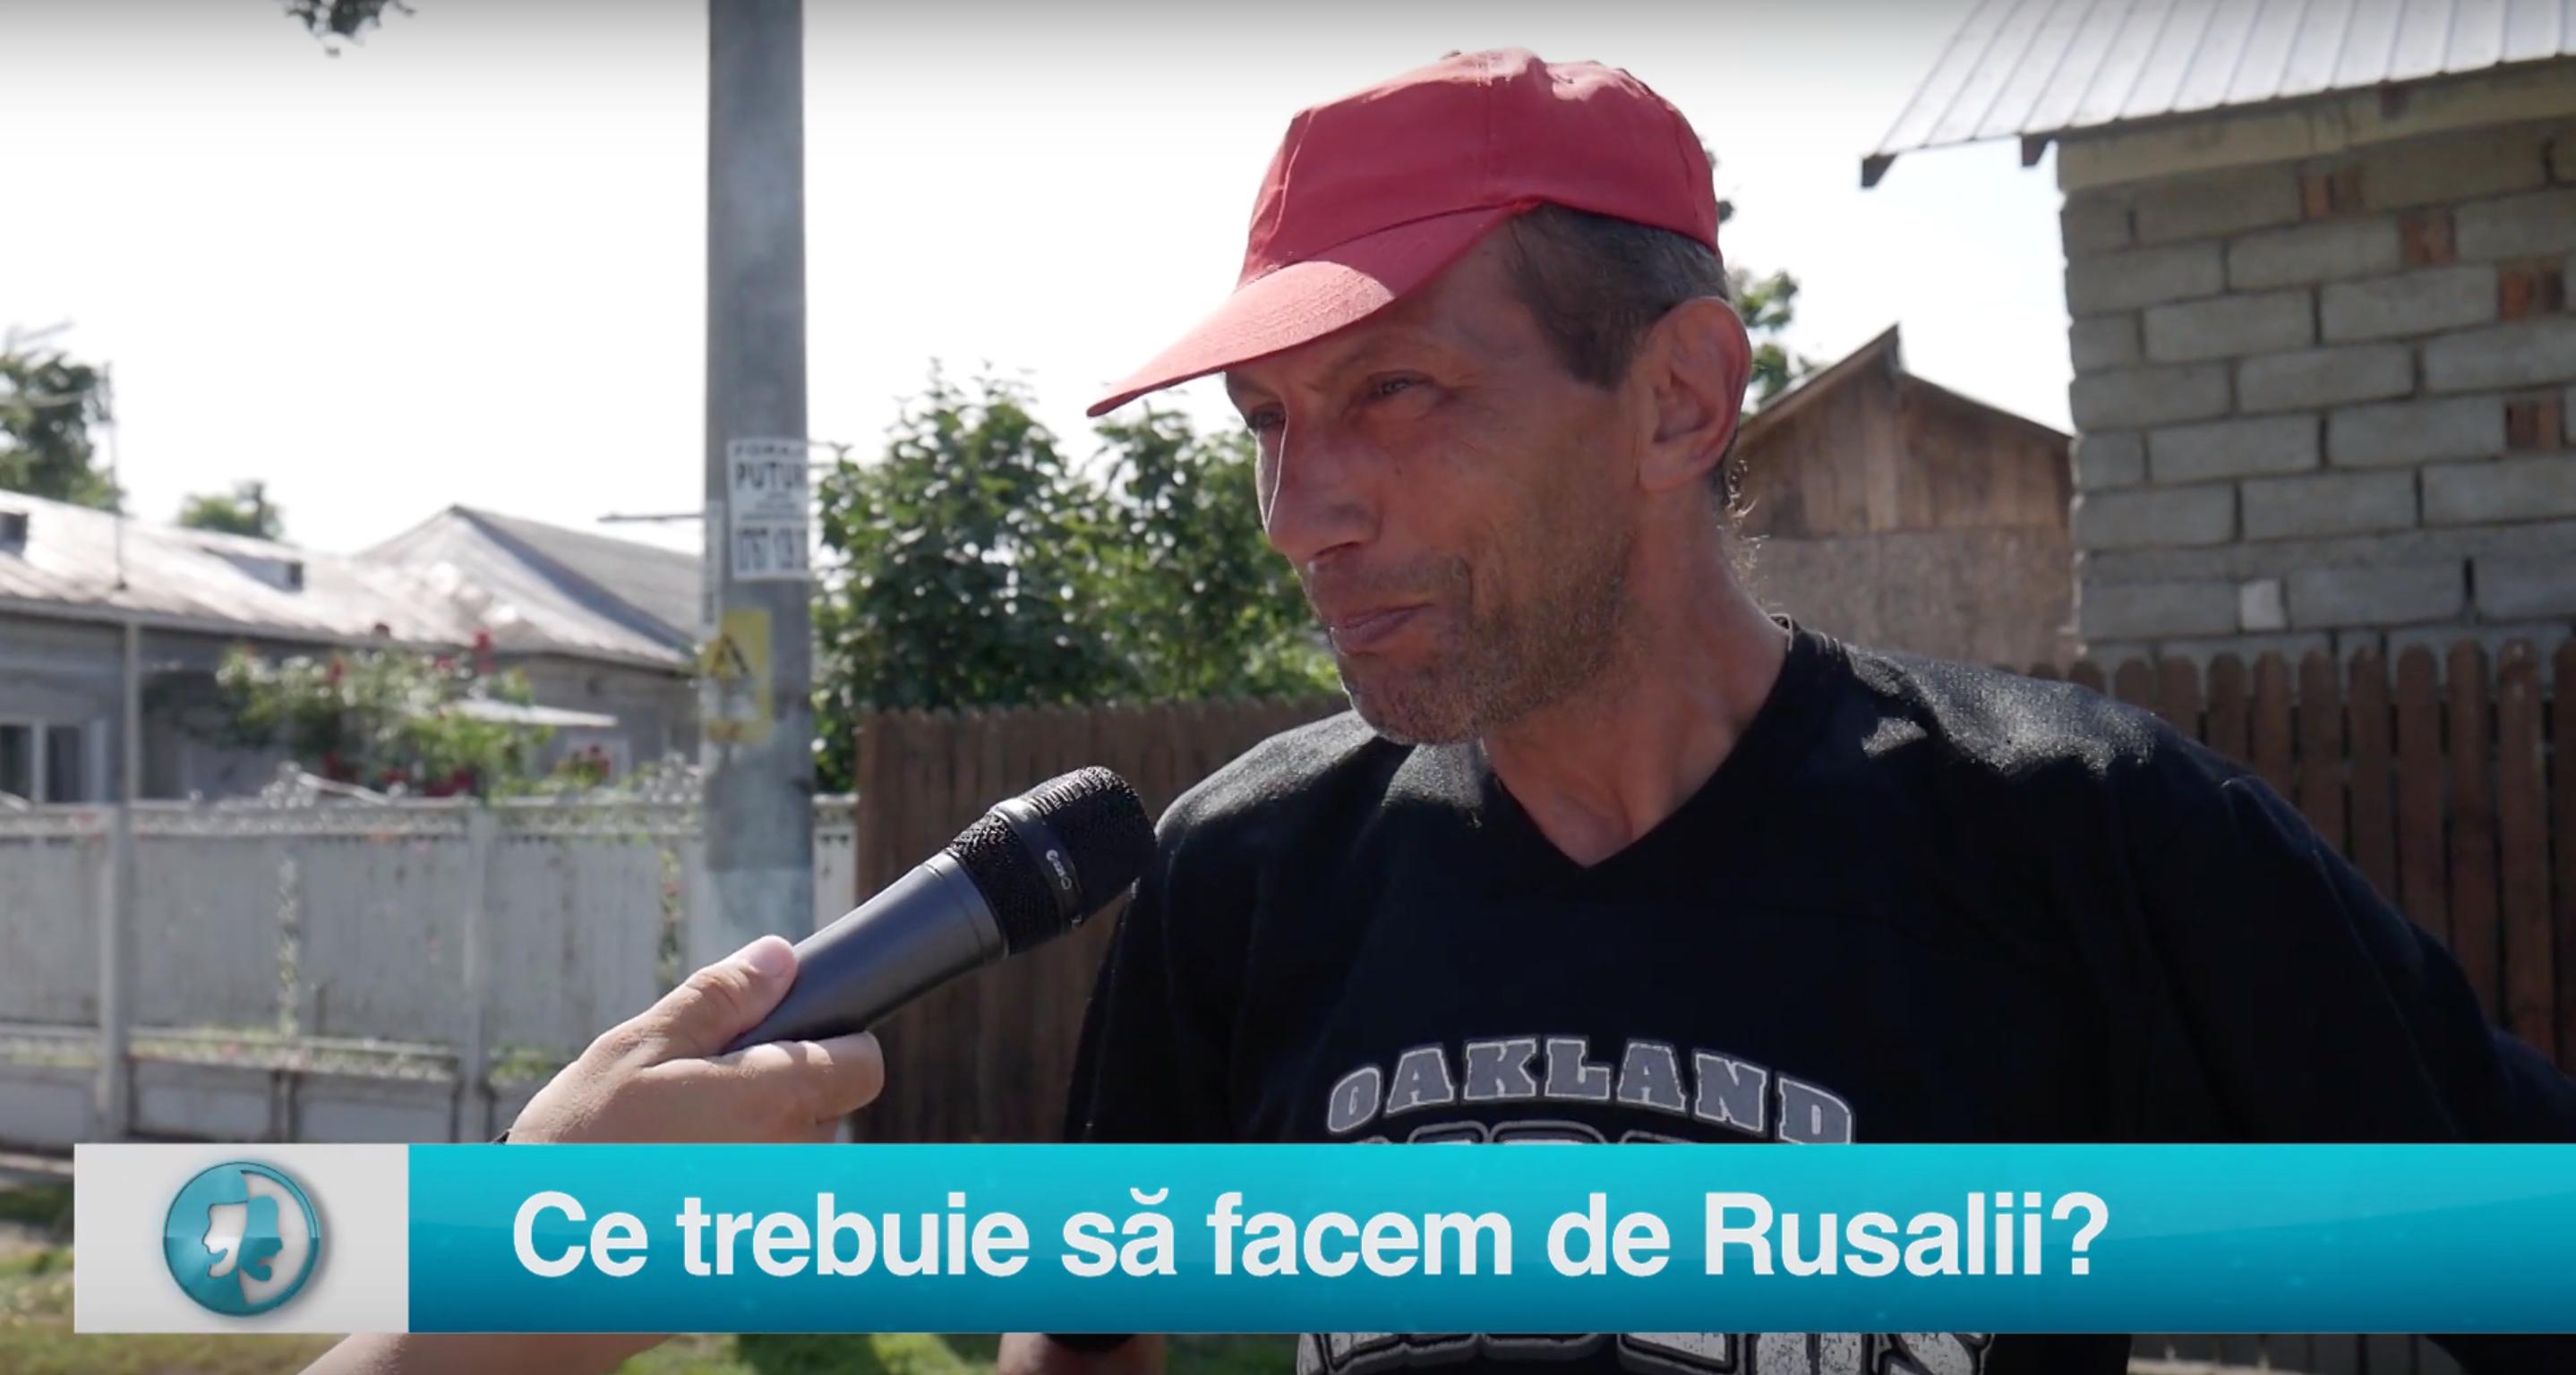 Vax populi: Ce trebuie să facem de Rusalii?